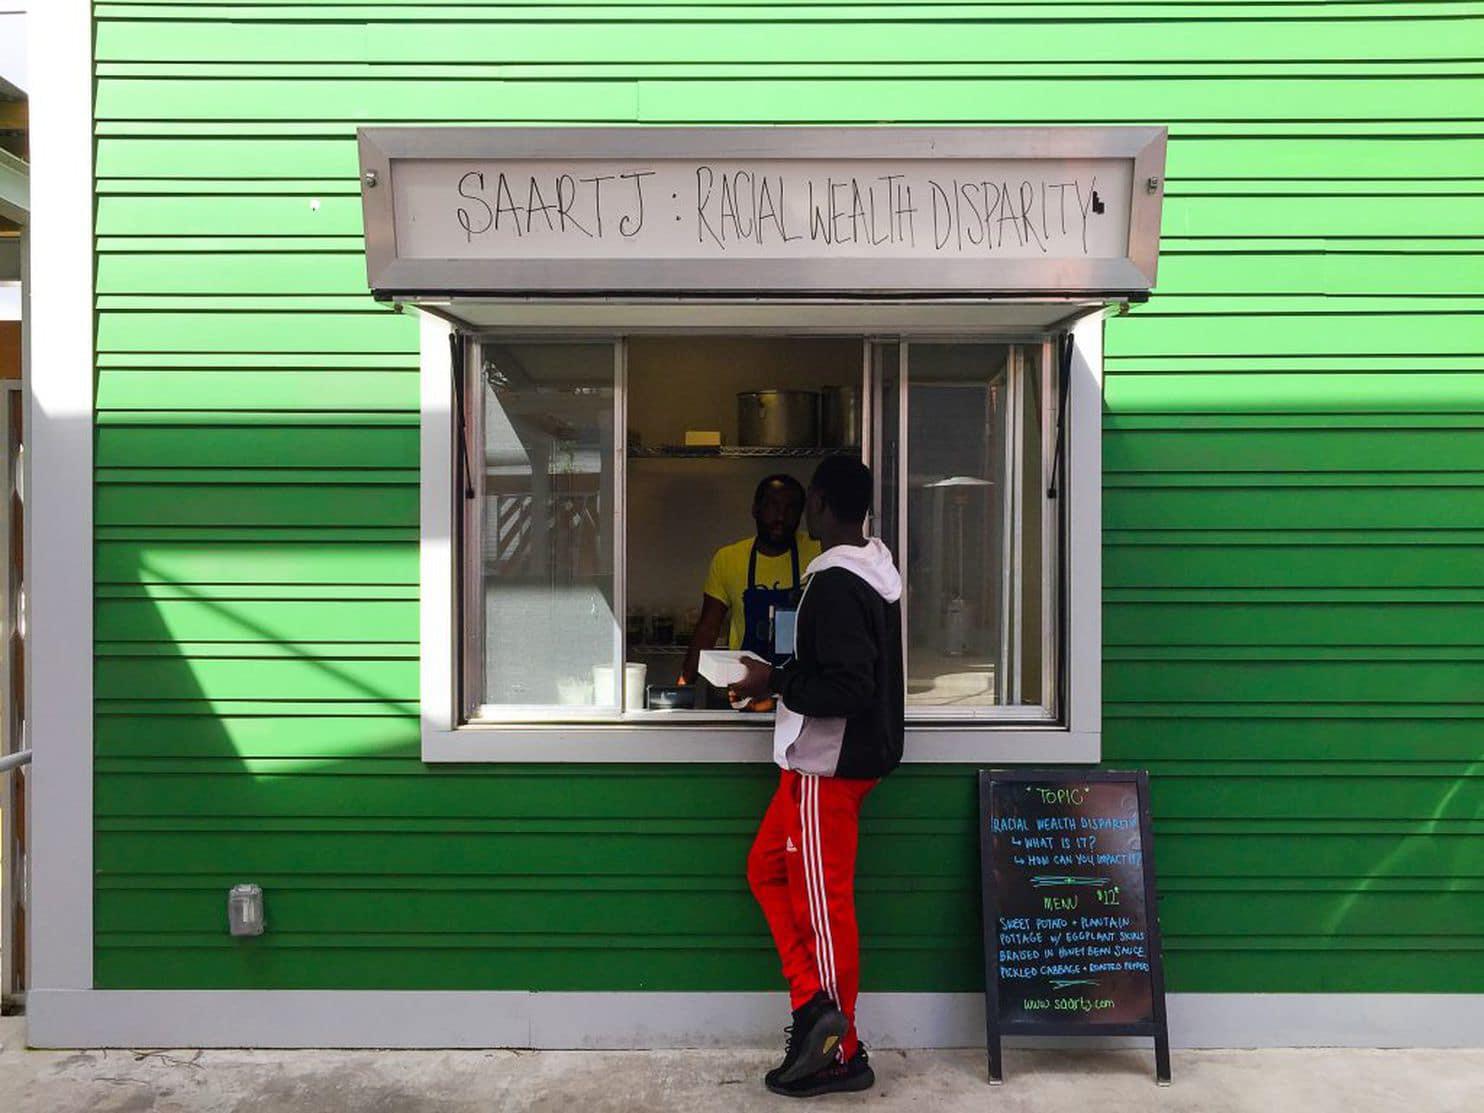 Налог на колонизаторов или расизм наоборот? Нигериец продает белым еду на 18 долларов дороже (4 фото)